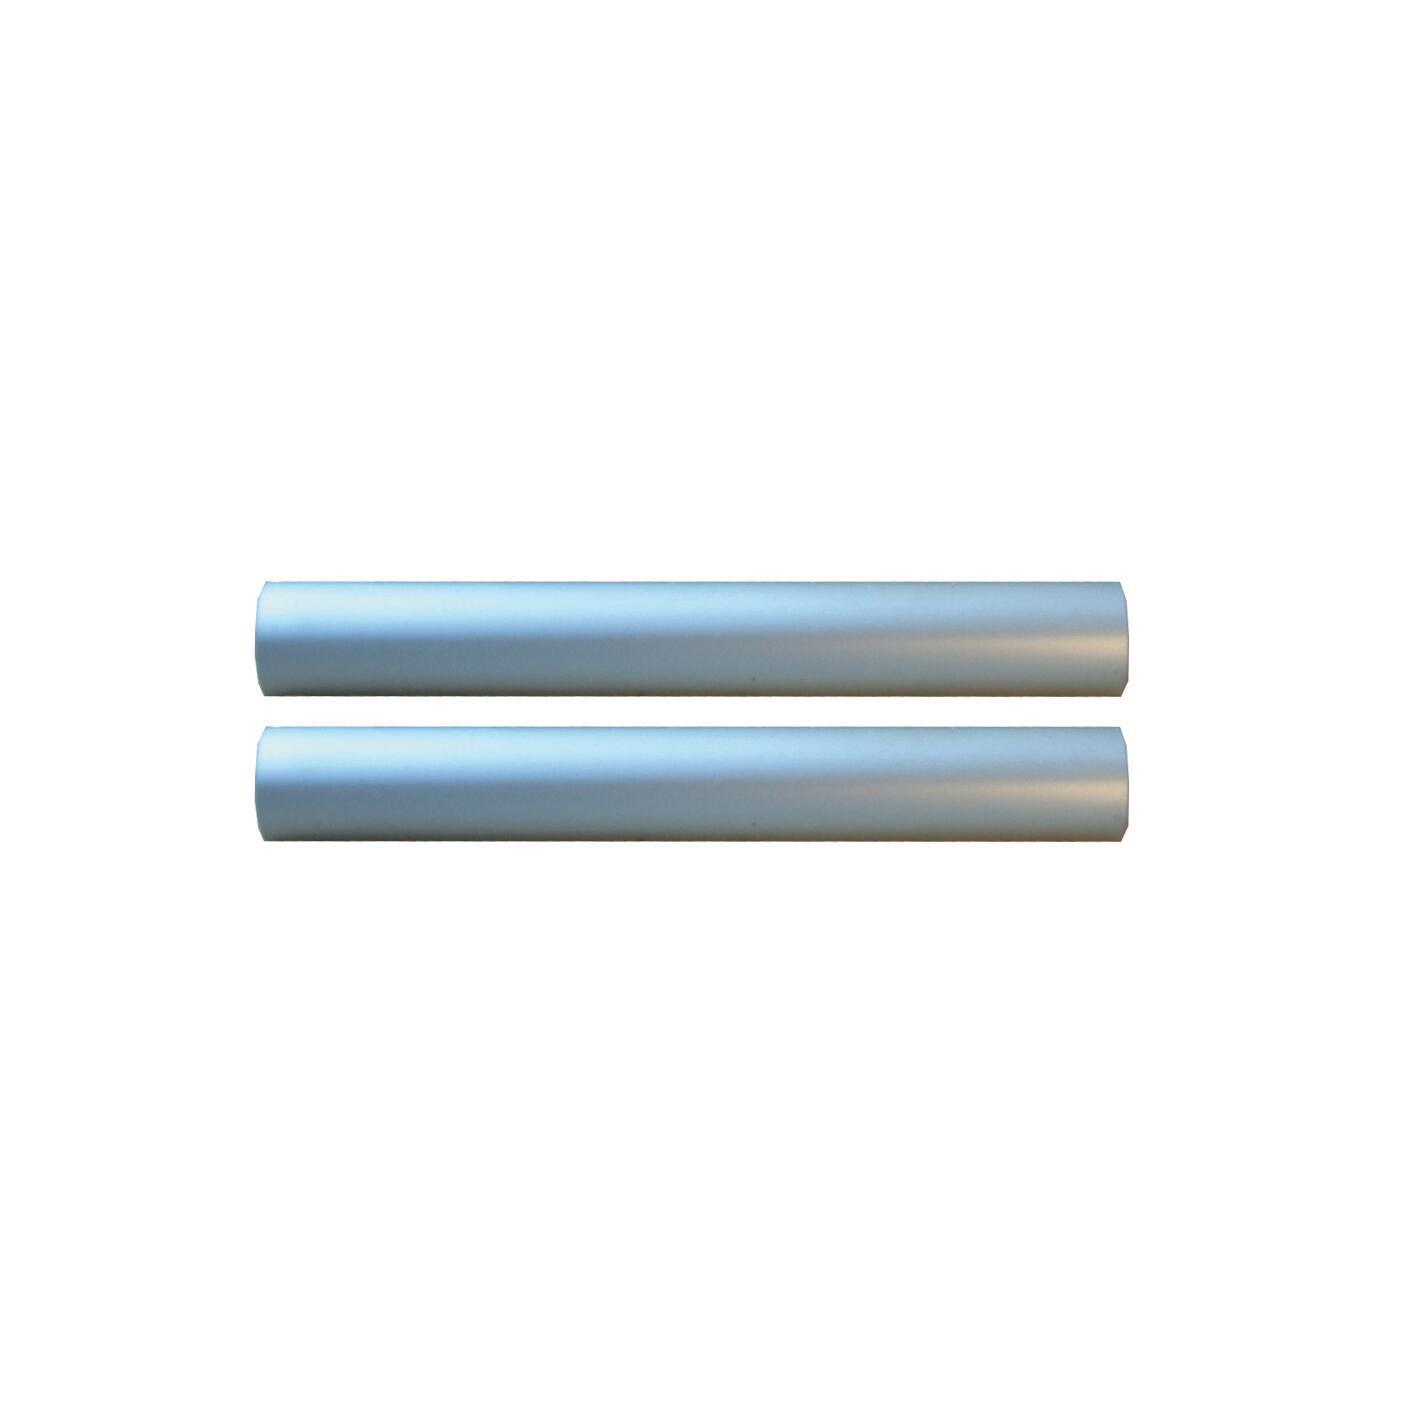 Kit di fissaggio Traversini in alluminio L 26 x H 2 cm - 1